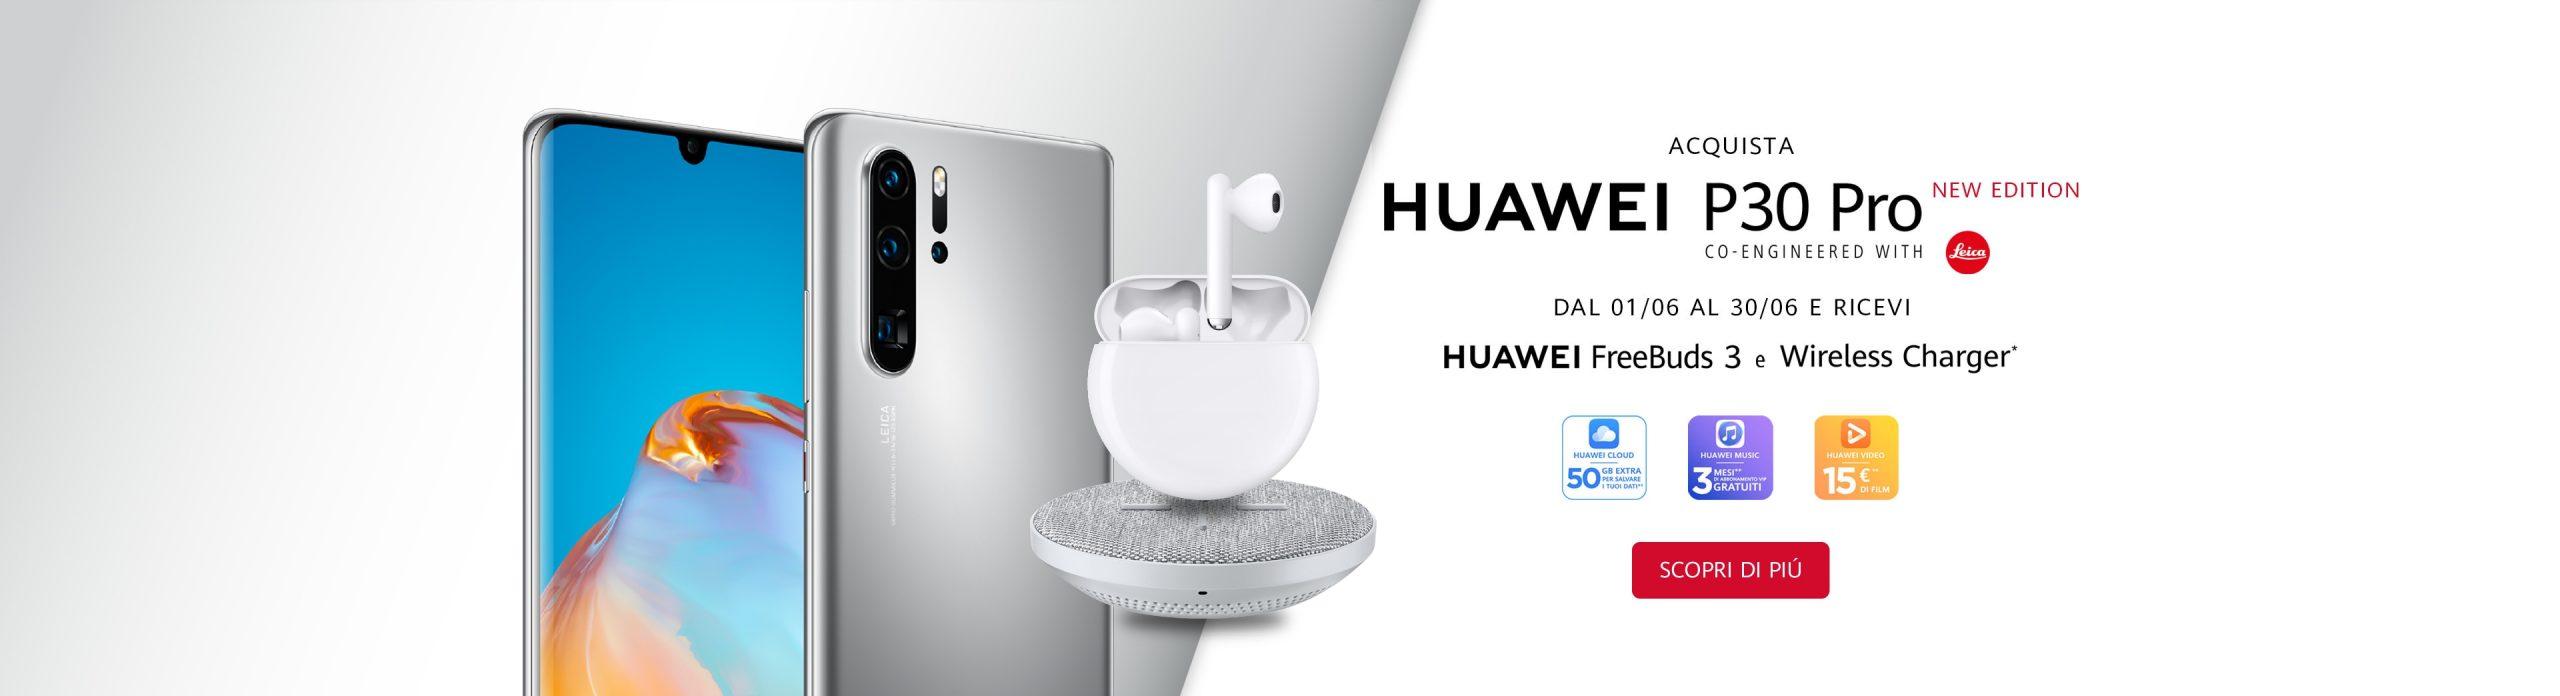 Huawei P30 Pro New Edition promozione